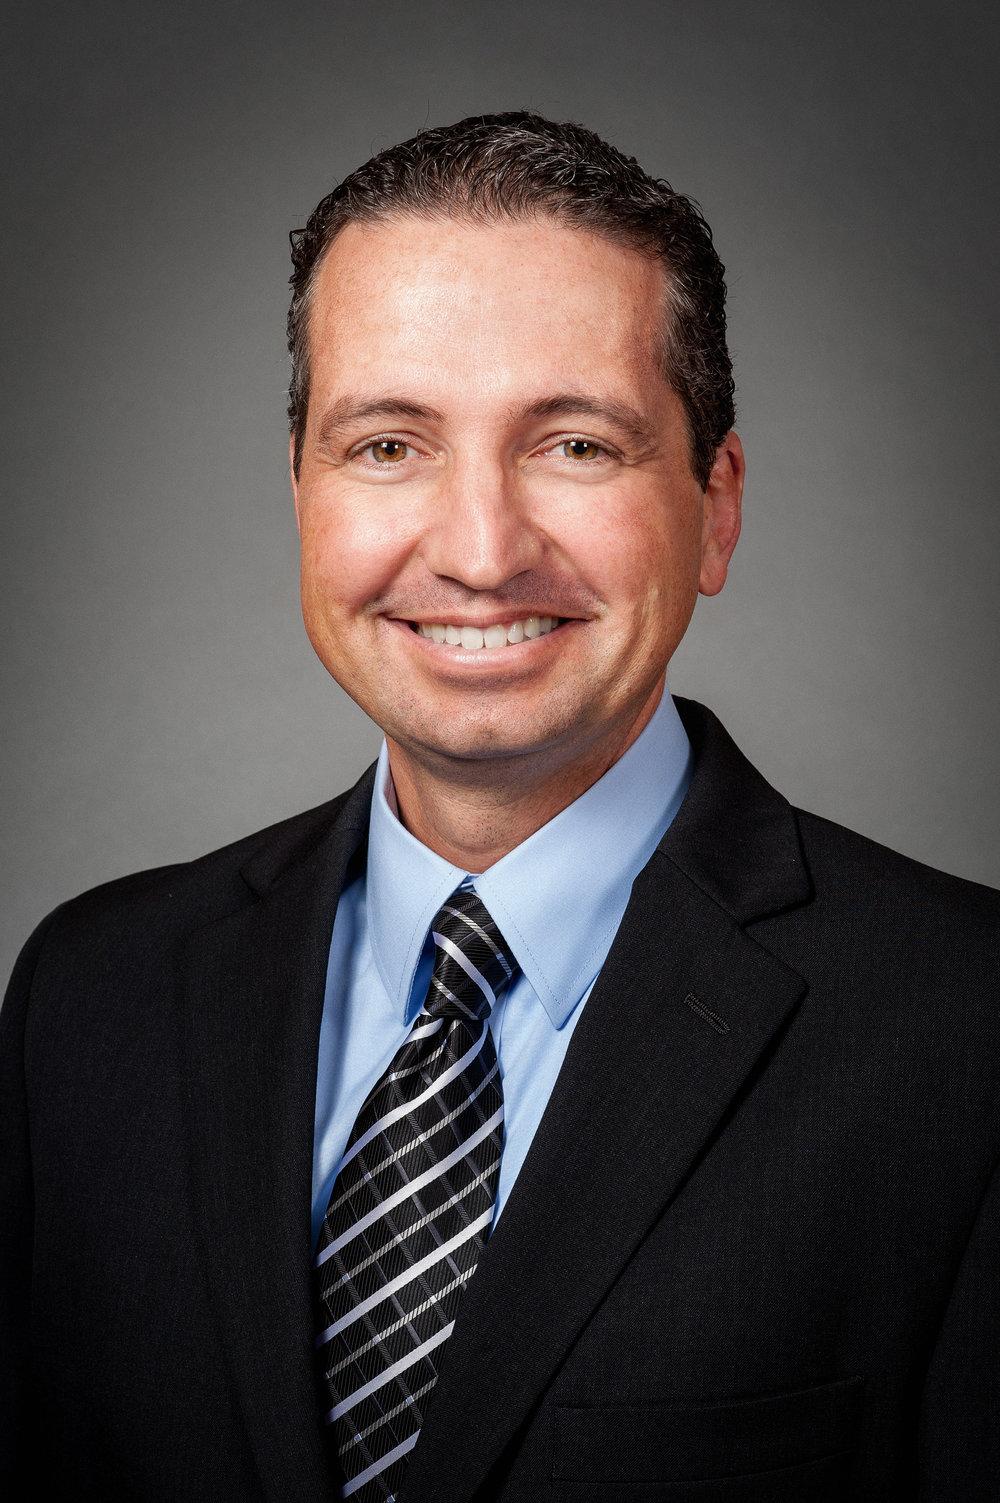 Justin Knox, CPA - Tax Partner